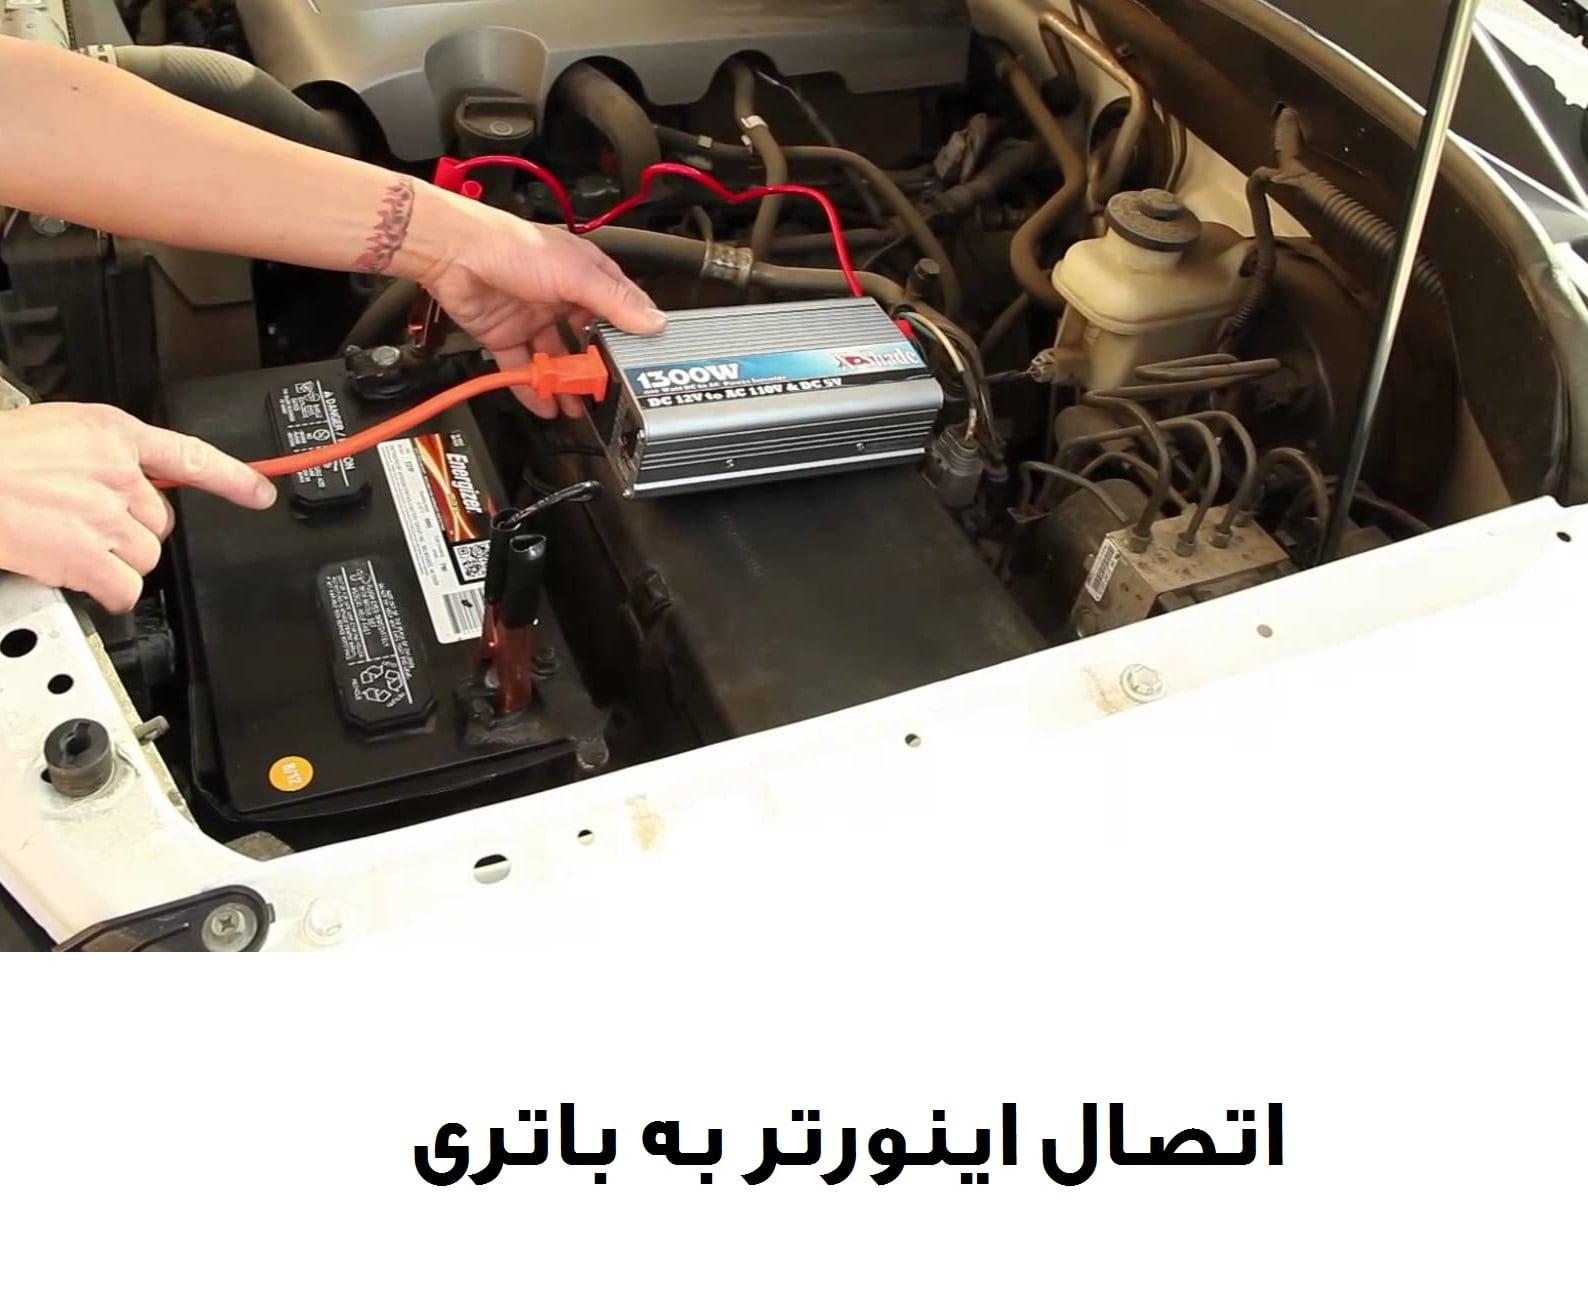 تبدیل برق ماشین به برق شهری